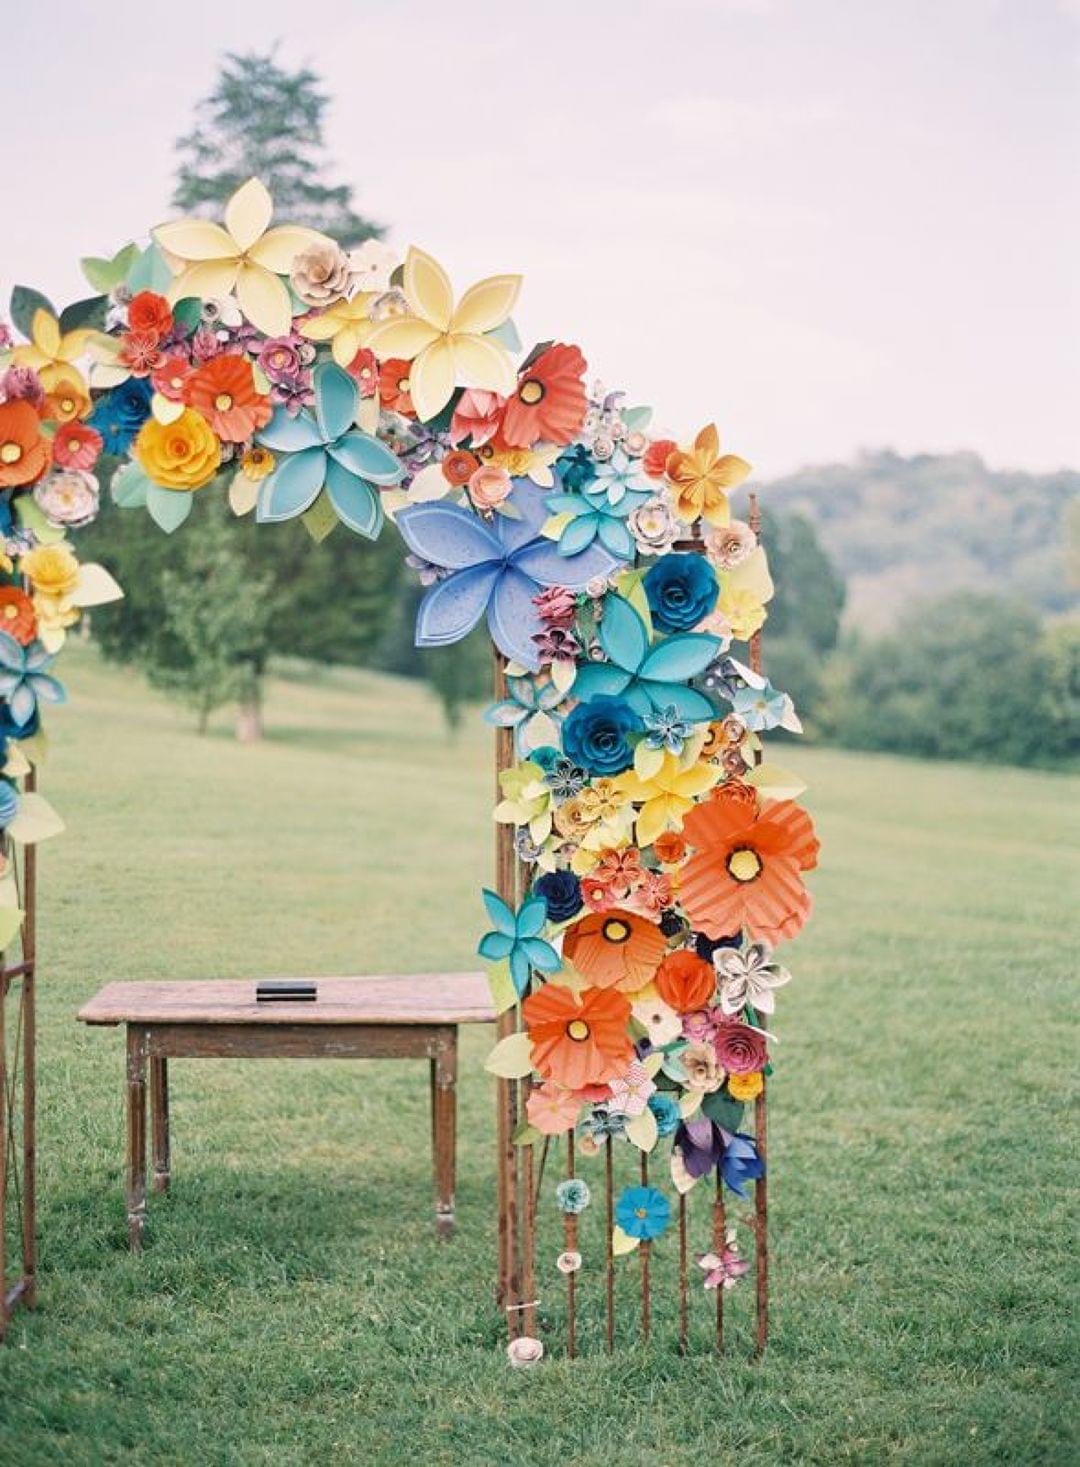 Un photocall, réalisé avec des fleurs en papier, est positionné dans un champ.